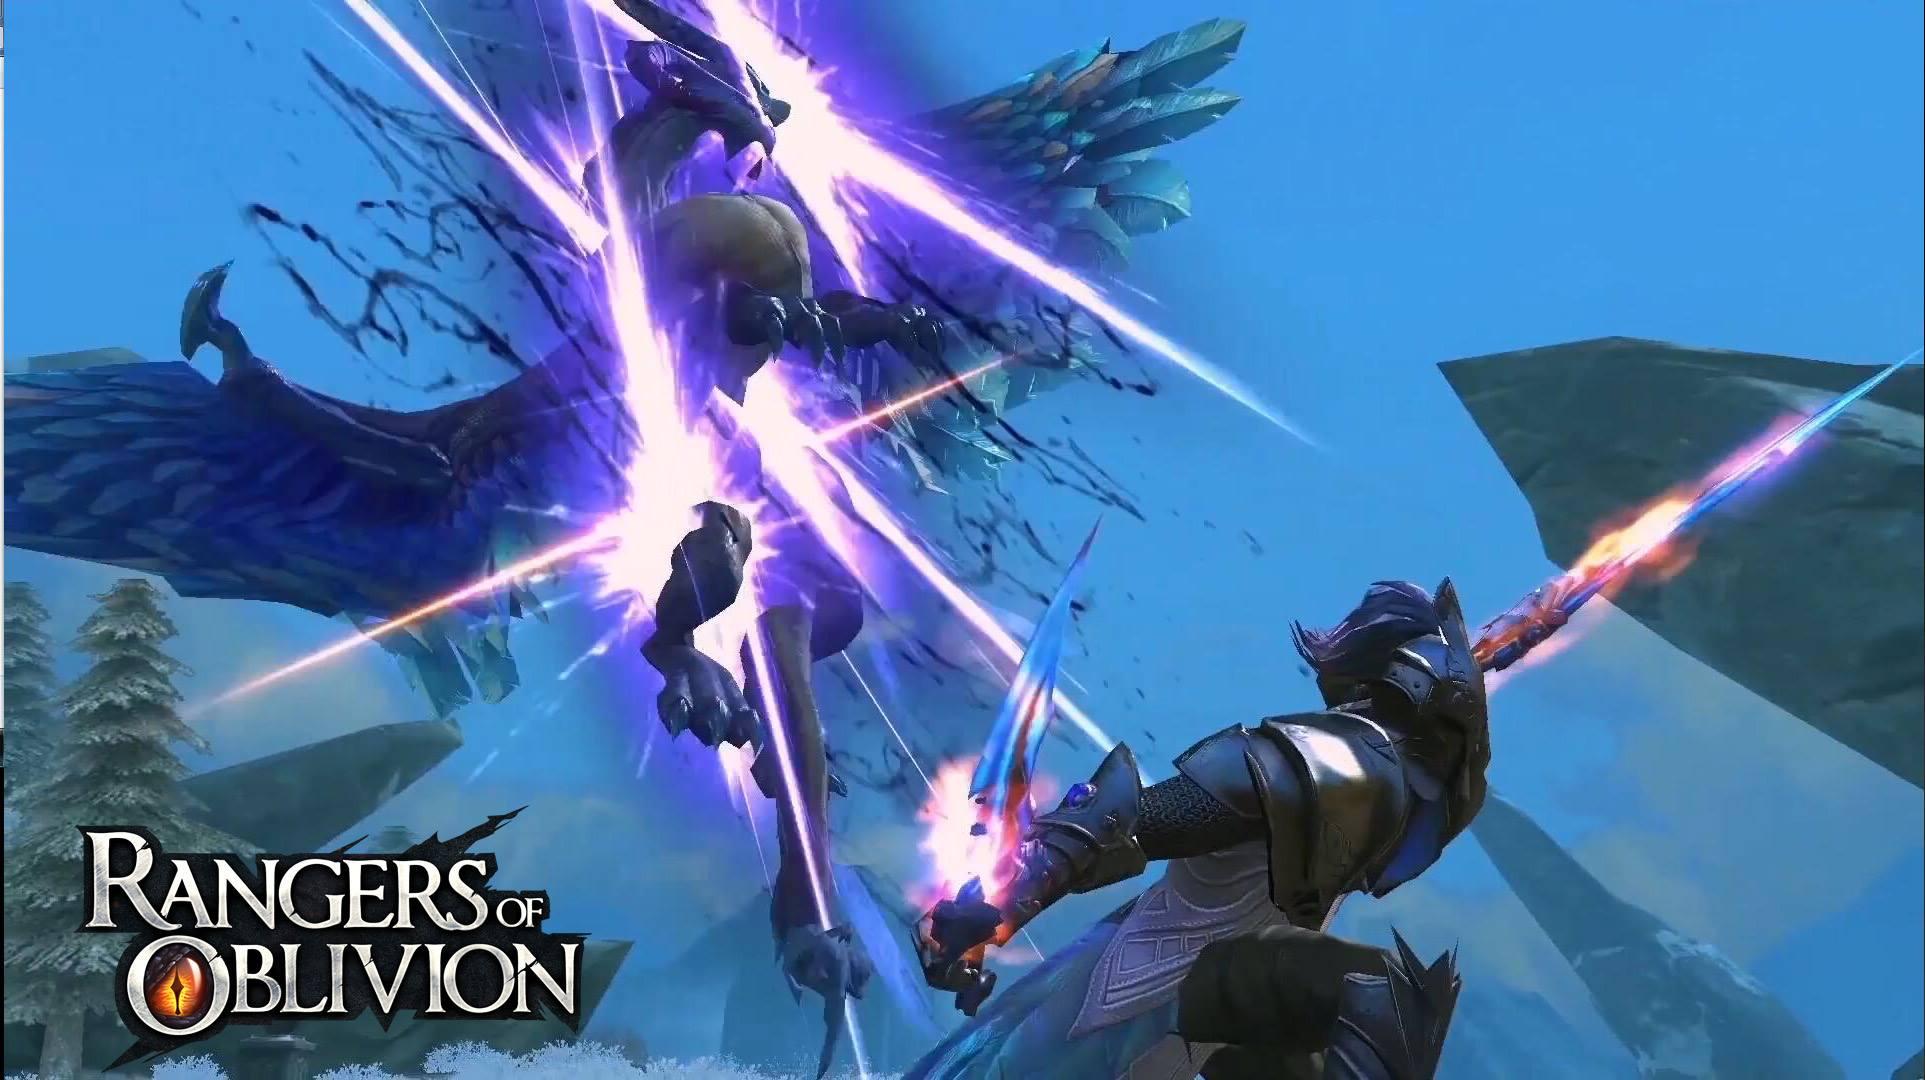 Rangers of Oblivion 1312019 1